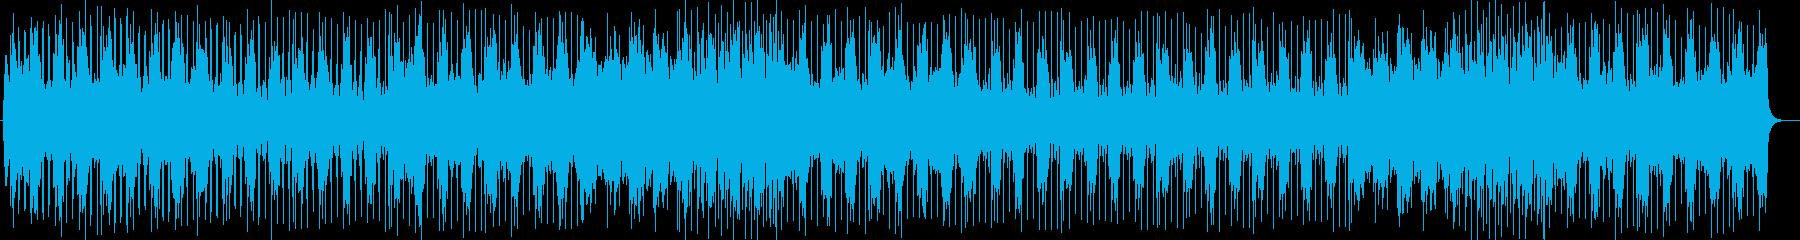 ワクワクウキウキポップスの再生済みの波形